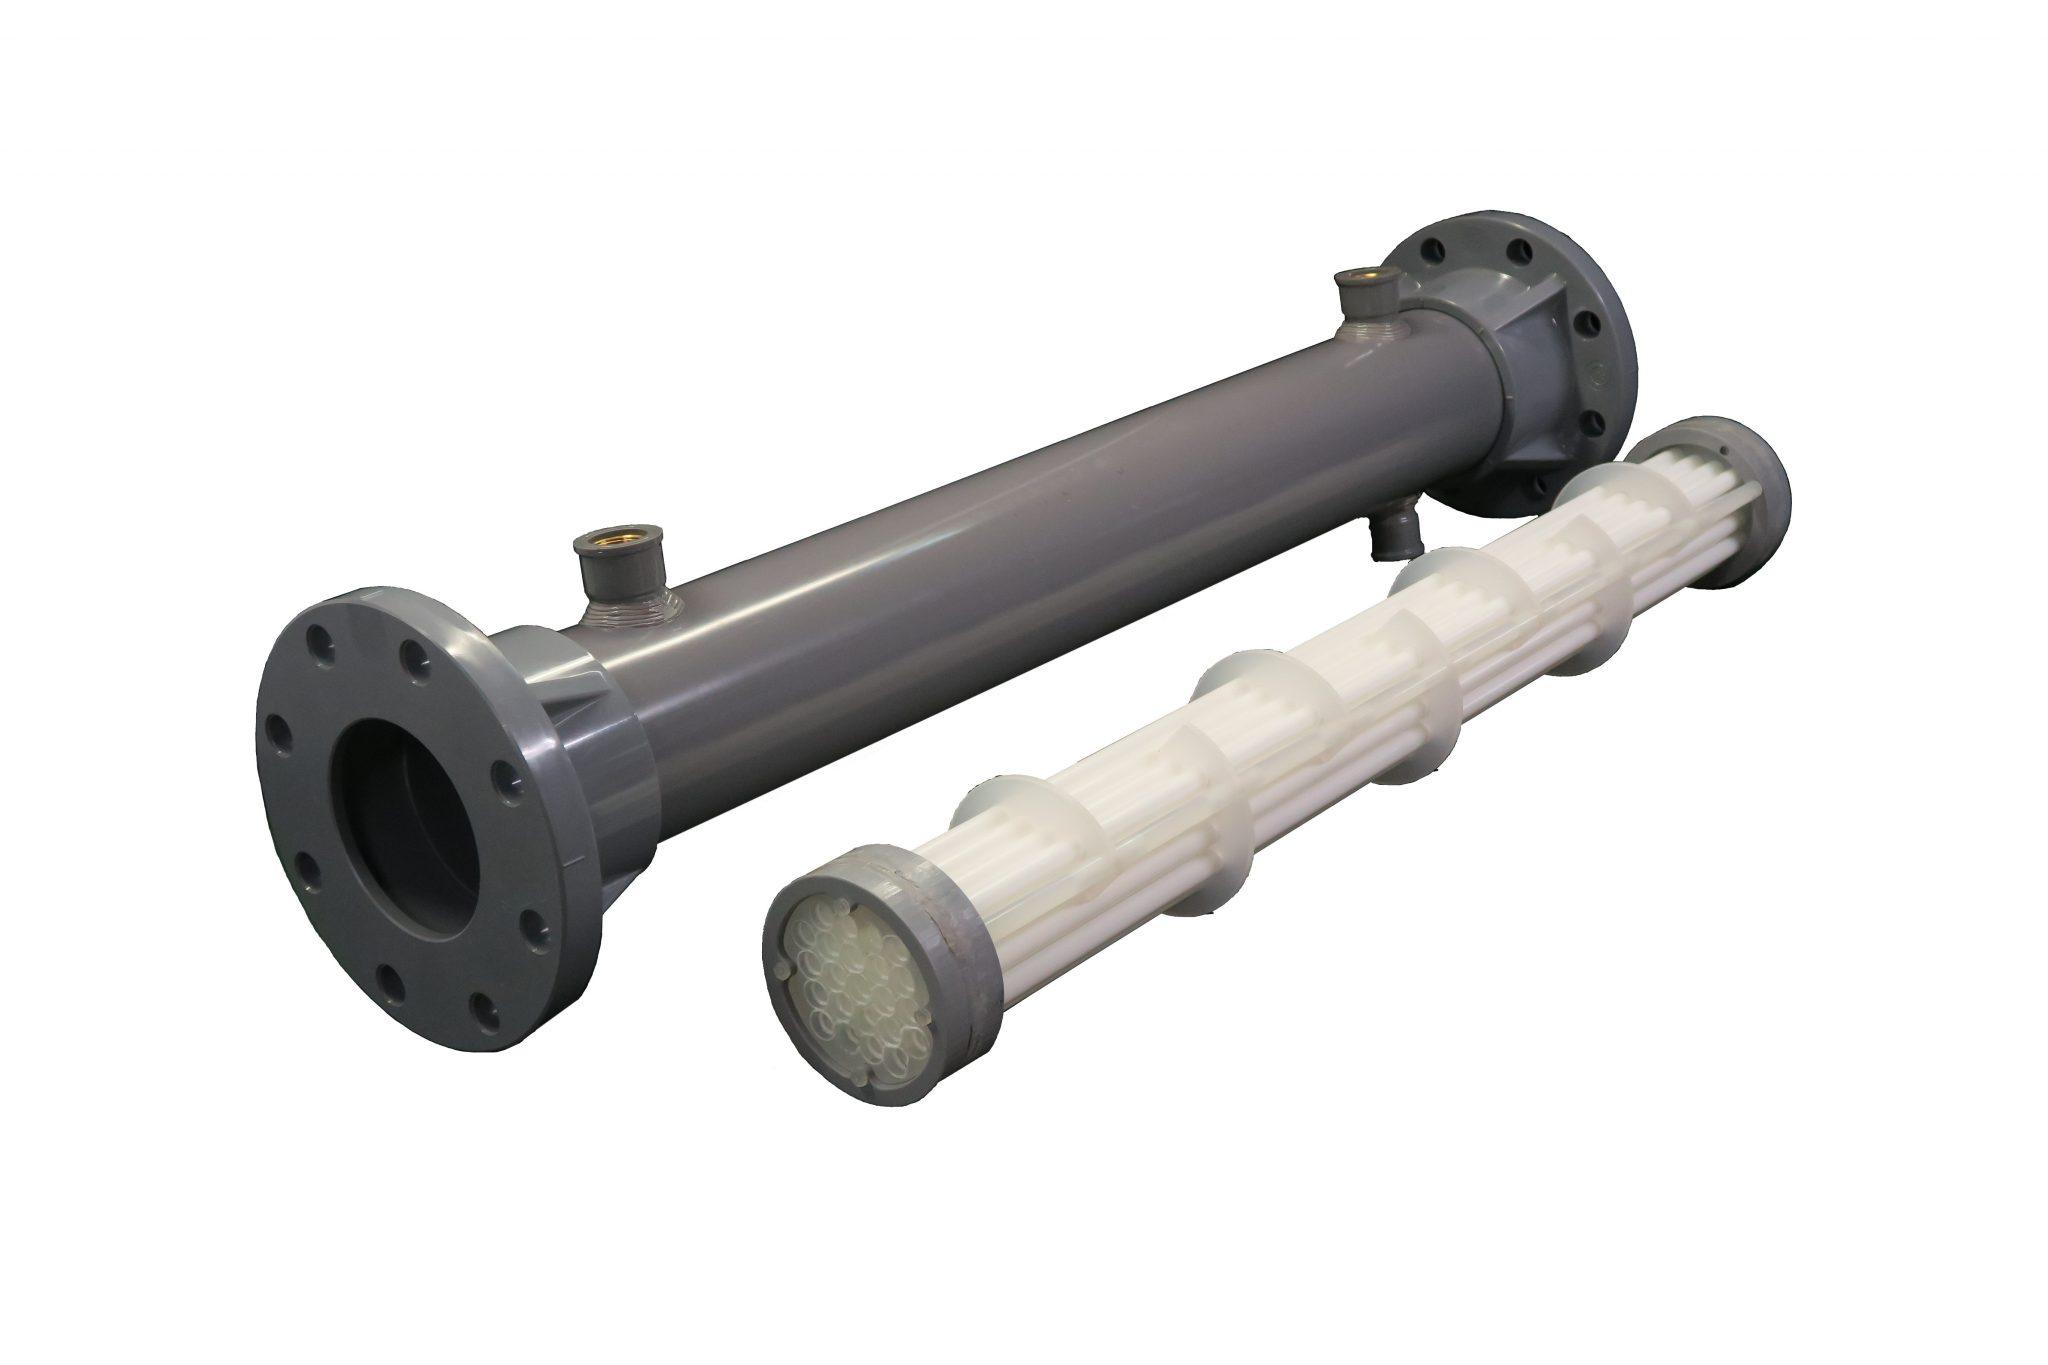 樹脂熱交換器(プラスチック熱交換器)メーカー|サンニクス株式会社